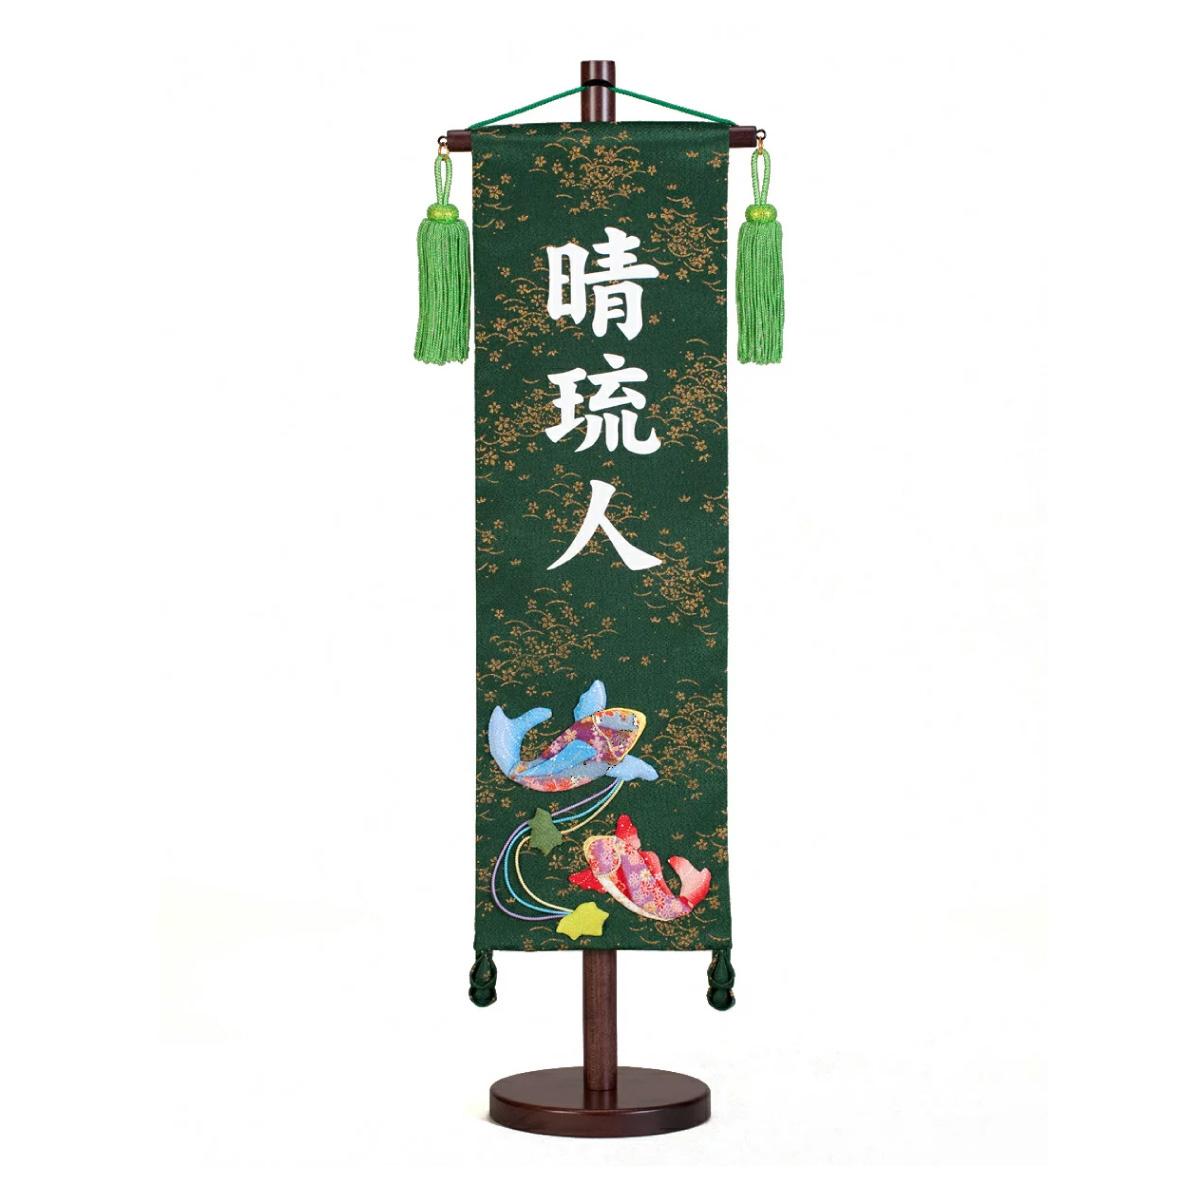 五月人形 名前旗 縮緬金彩緑【こいのぼり・中】